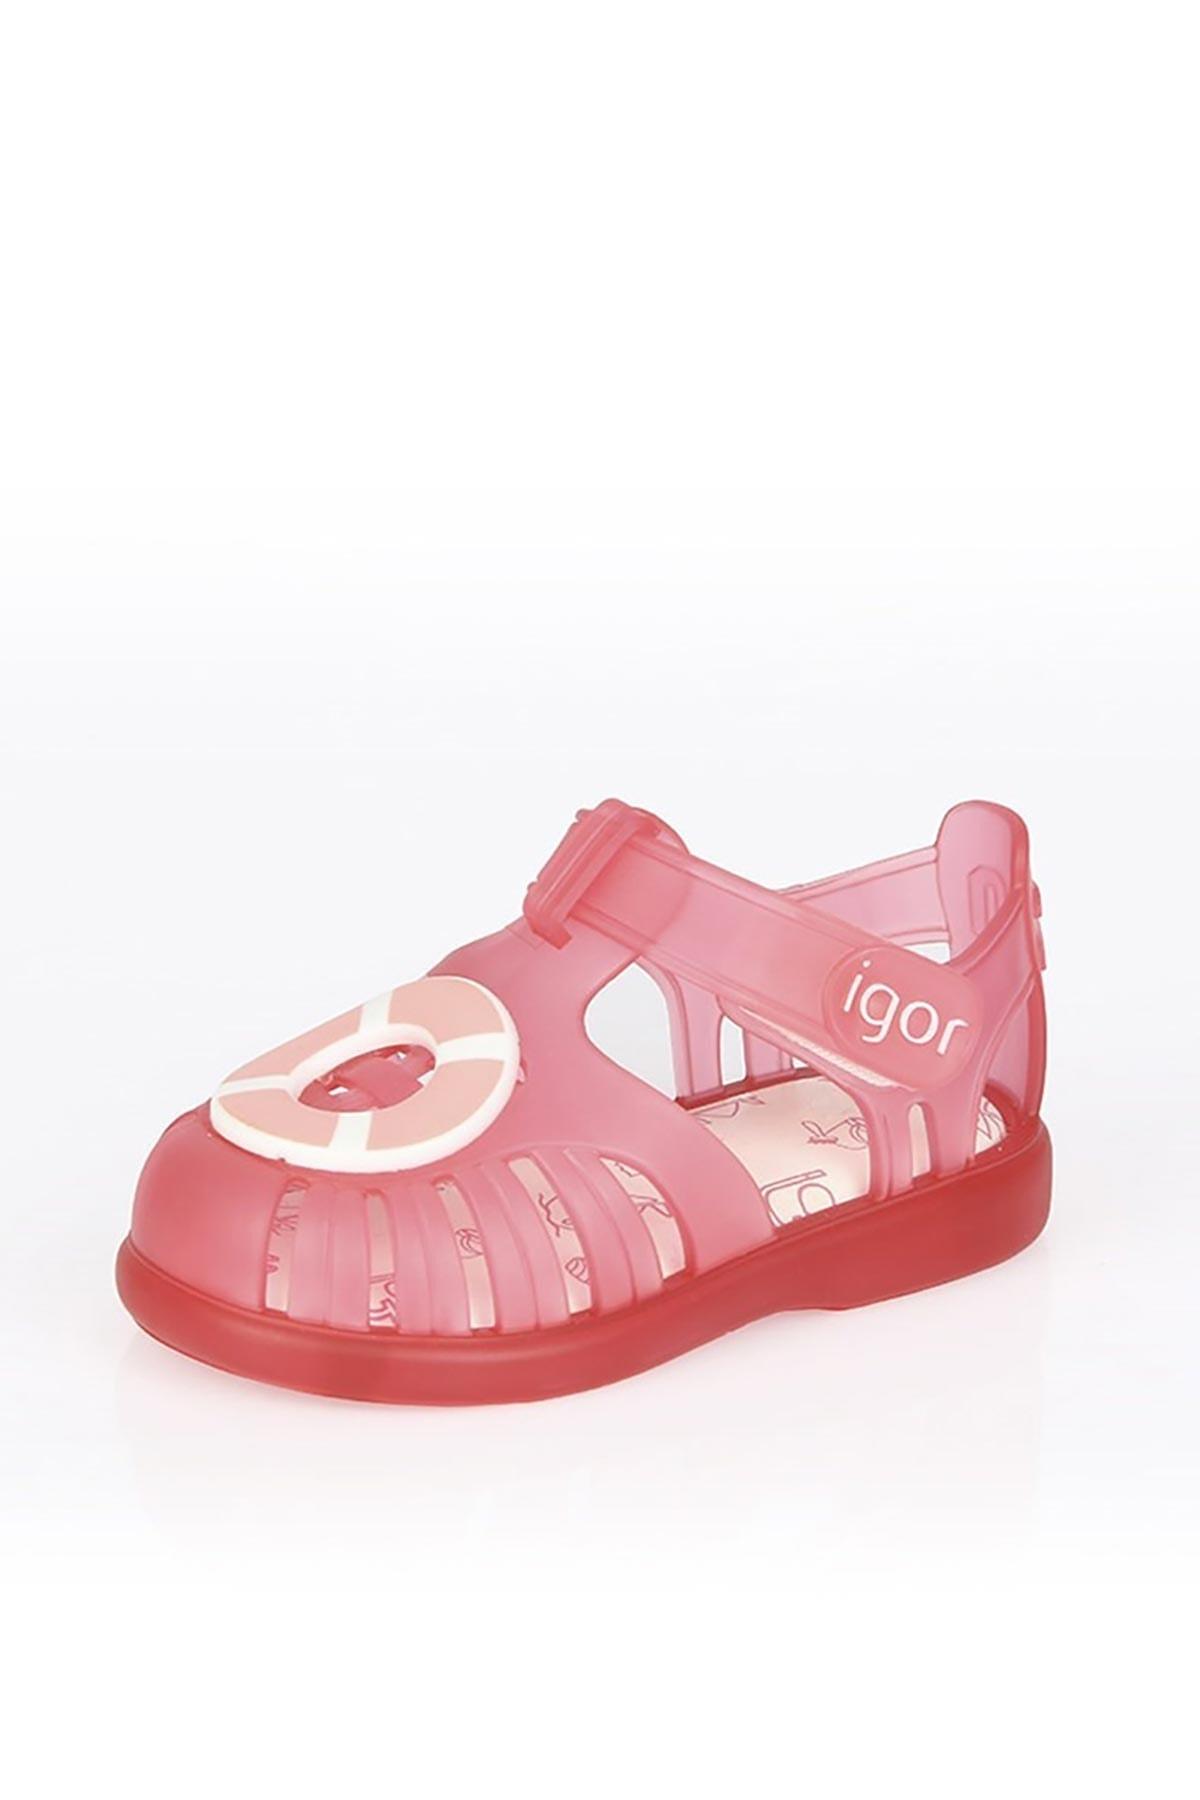 IGOR Çocuk Sandalet Tobby Velcro Nautico S10249-046 2